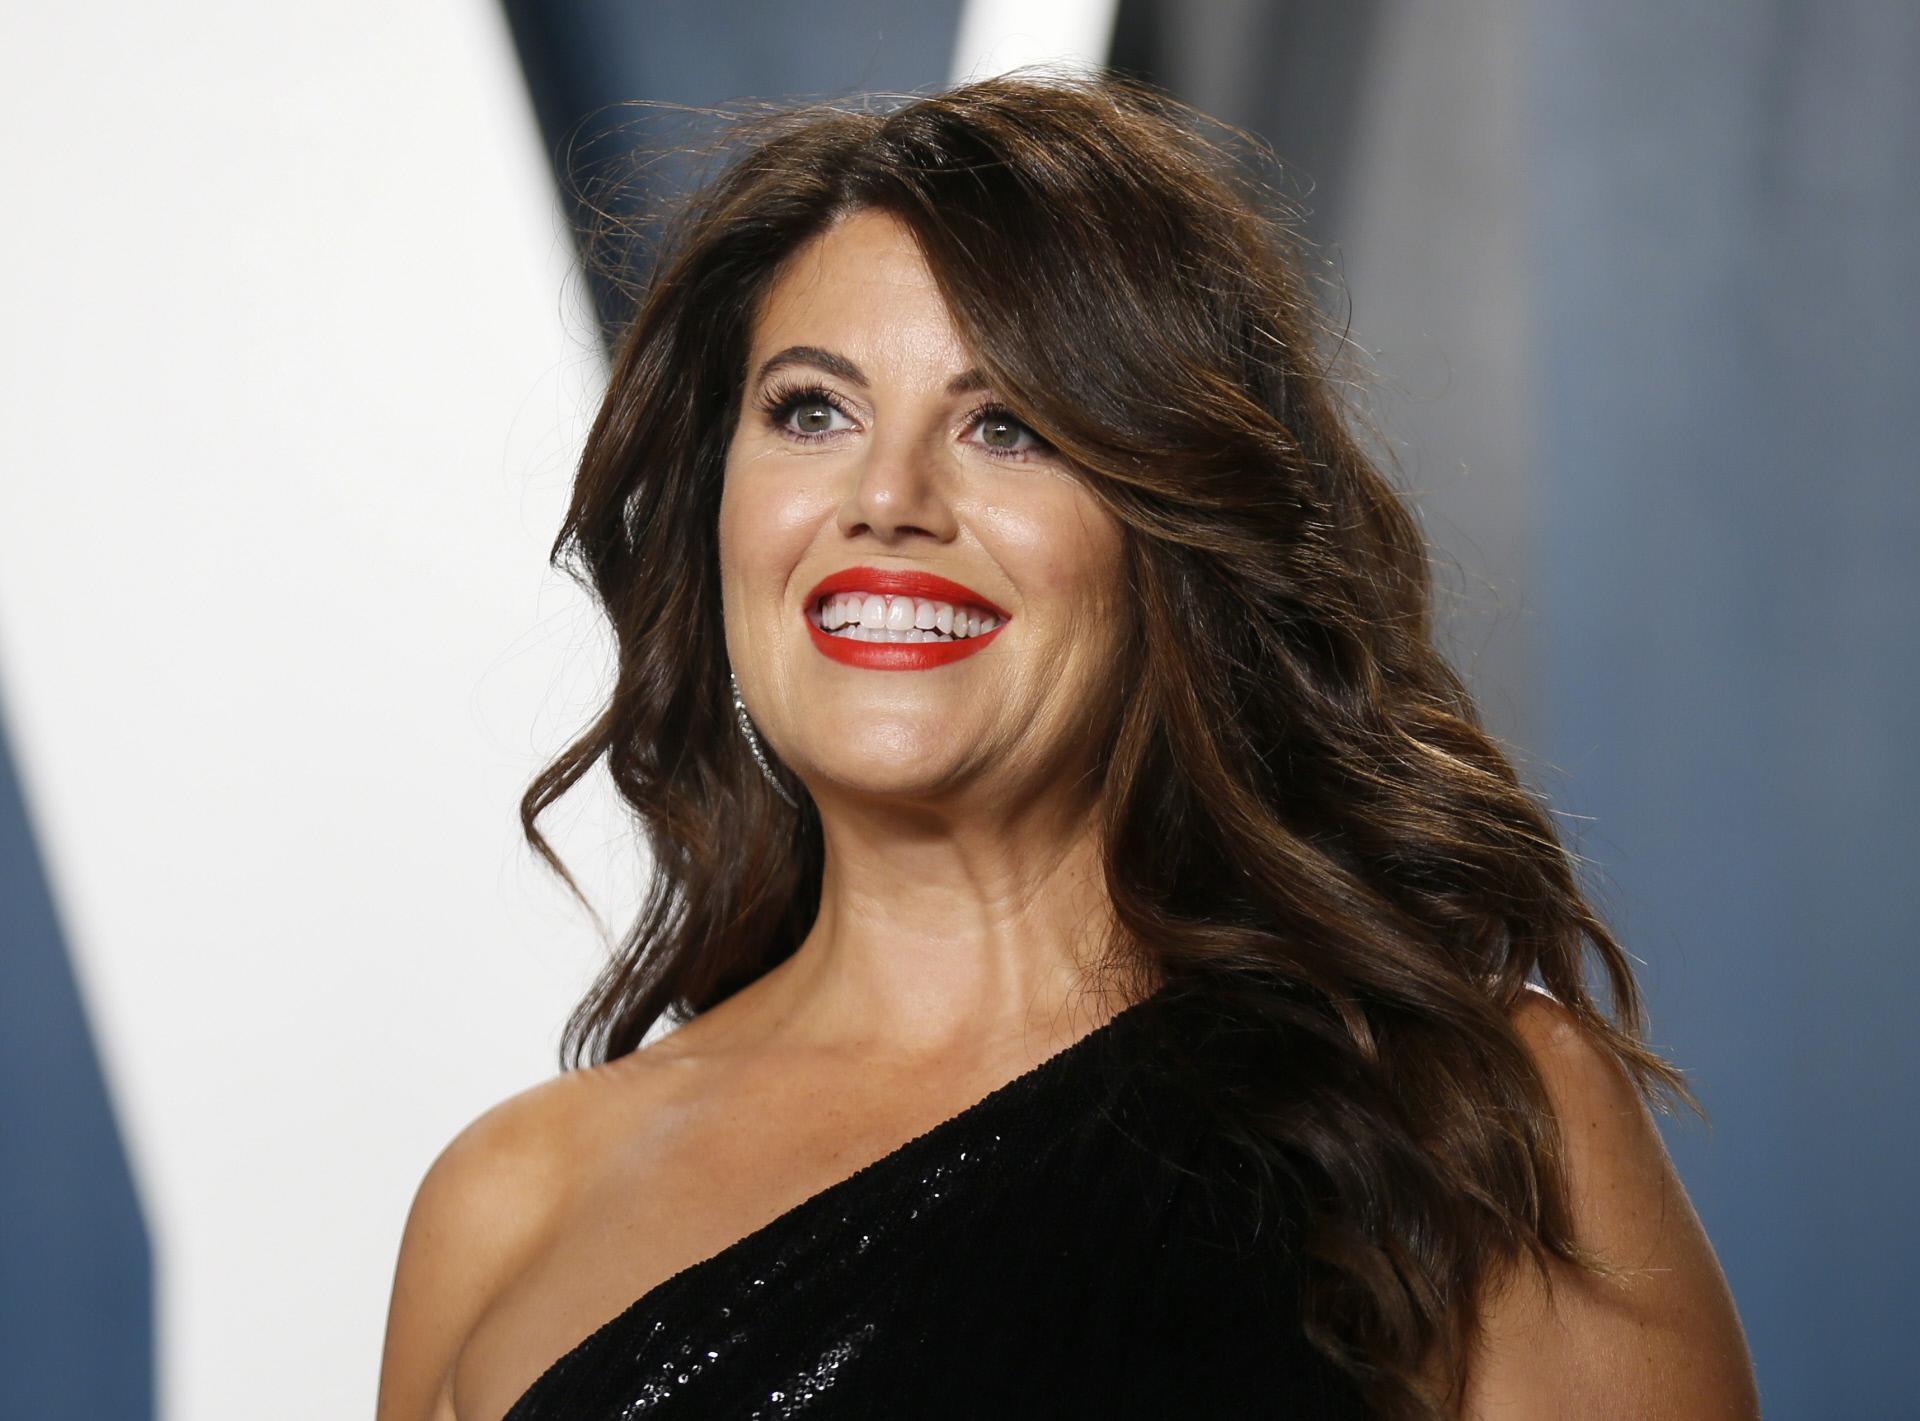 Monica Lewinsky, en la fiesta de 'Vanity Fair' los Oscar en febrero de 2020.